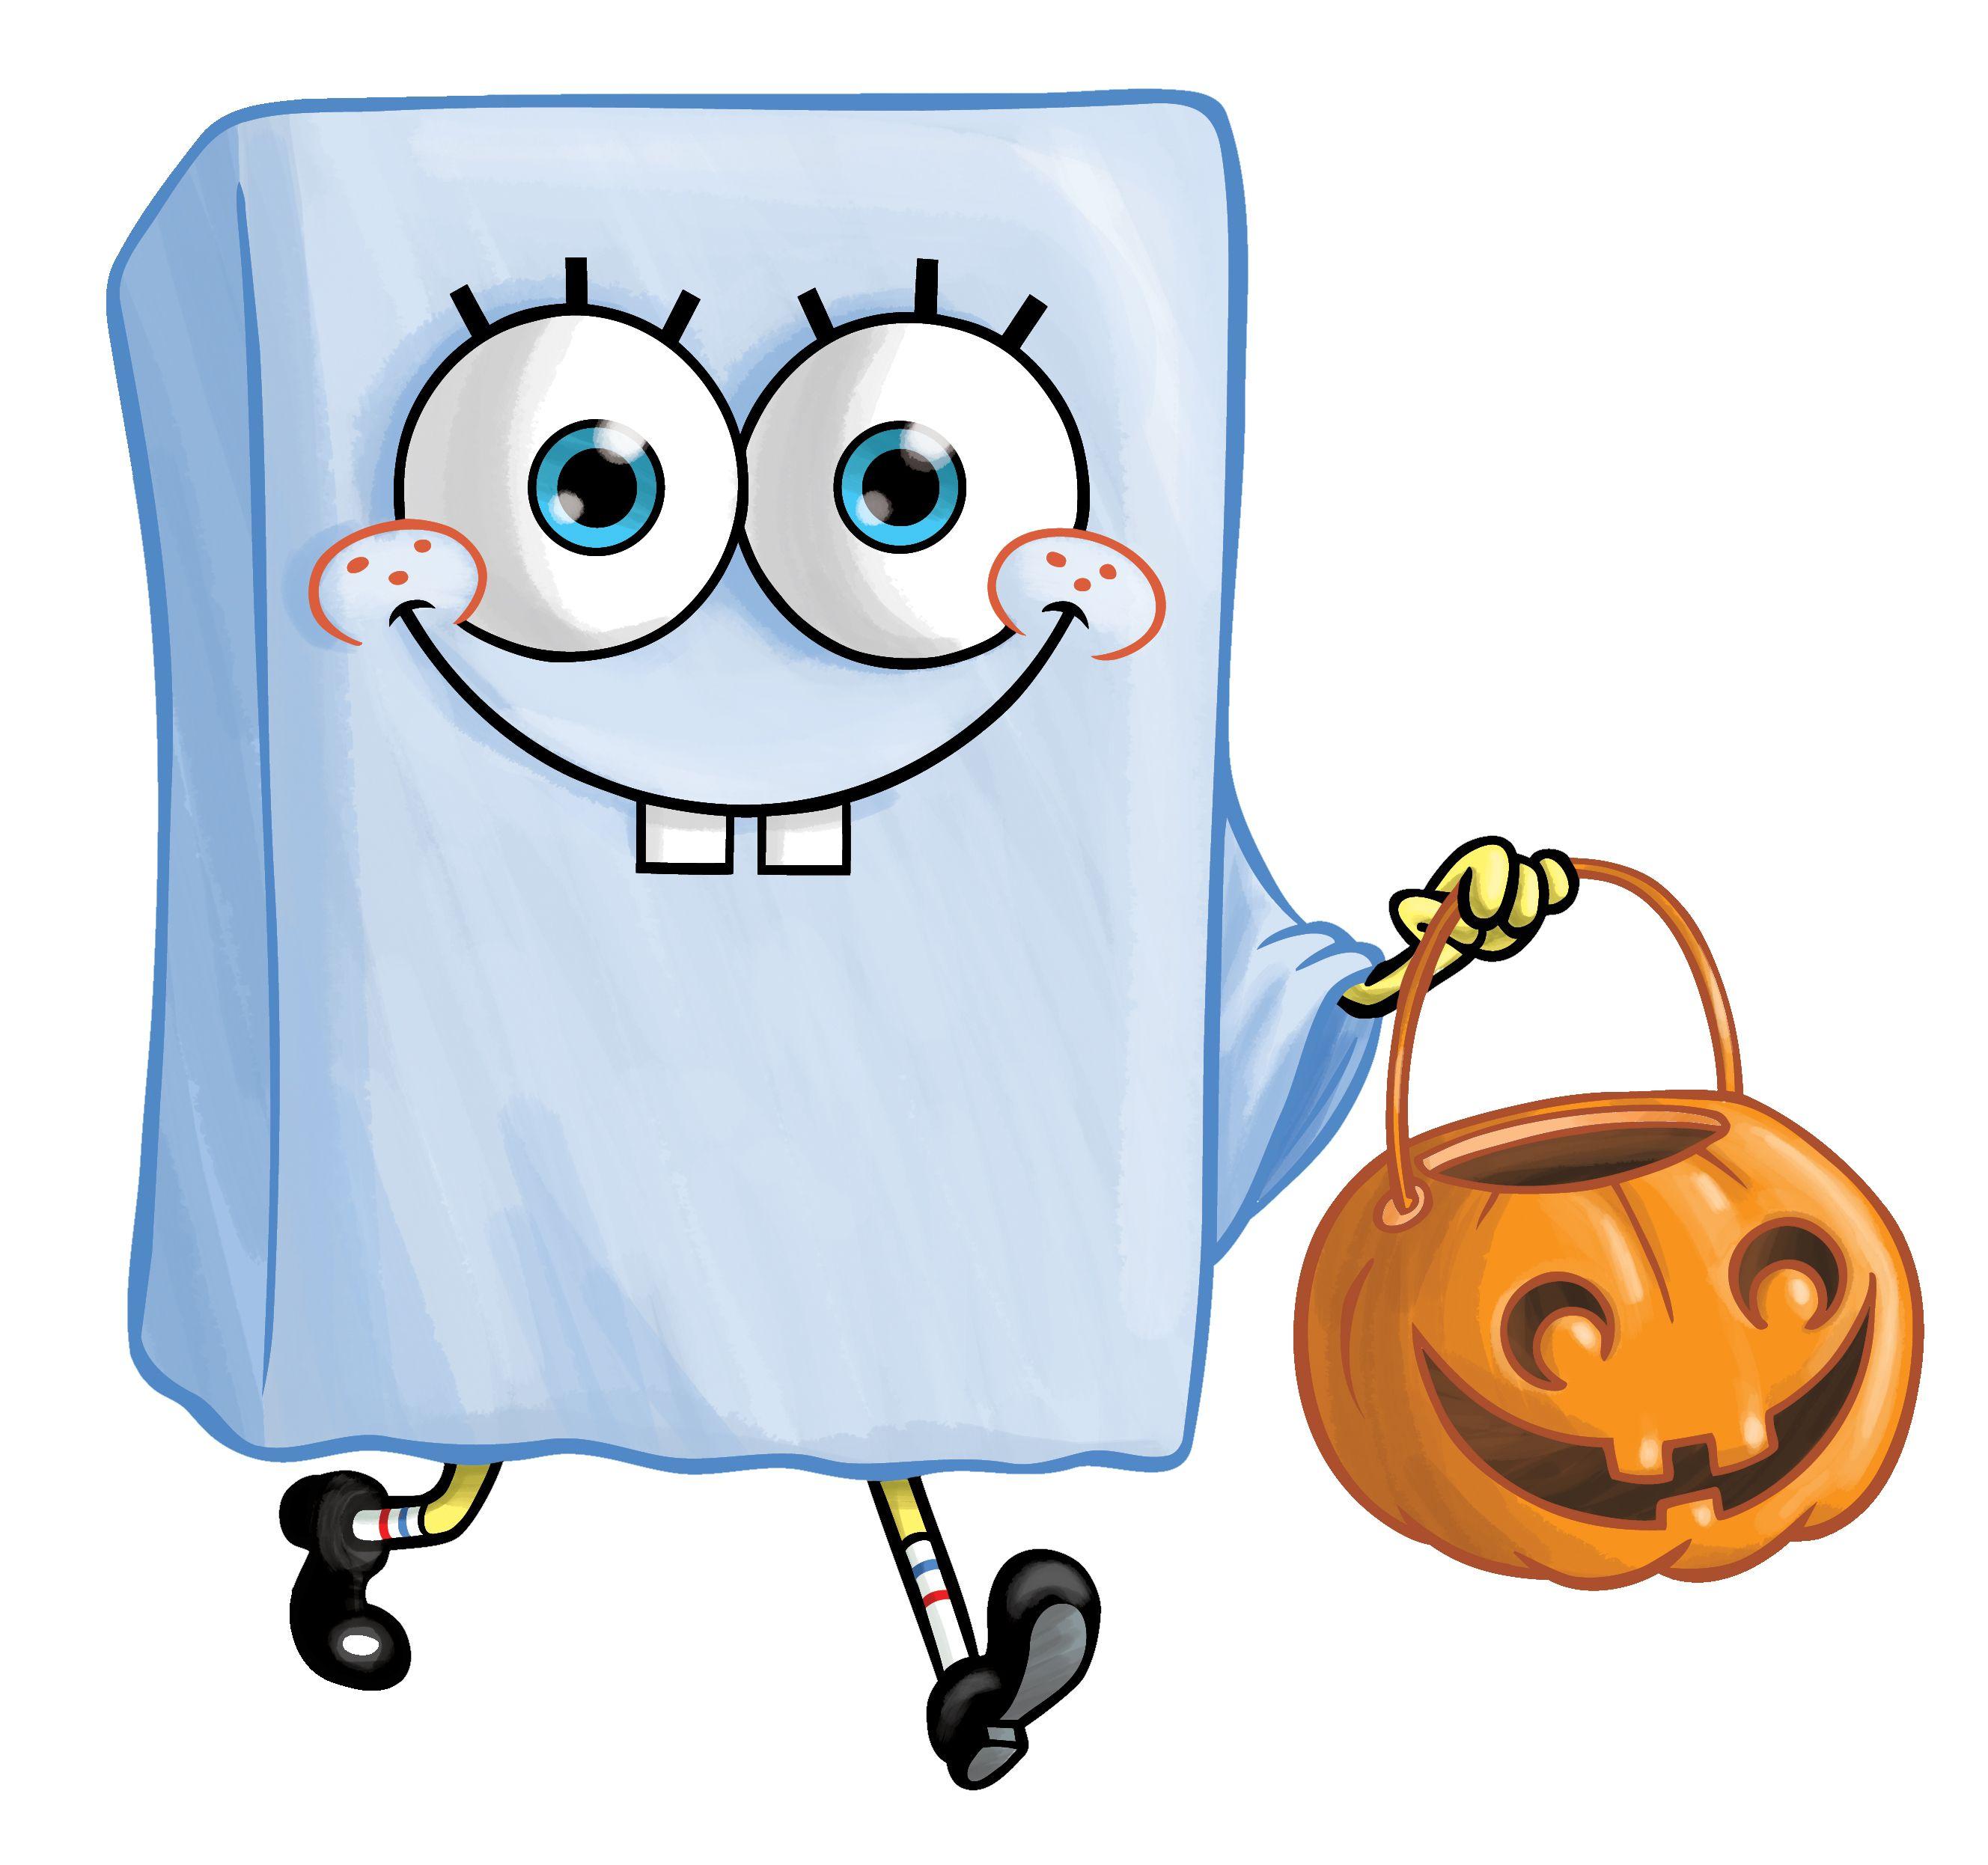 image result for spongebob halloween | spongebob | spongebob